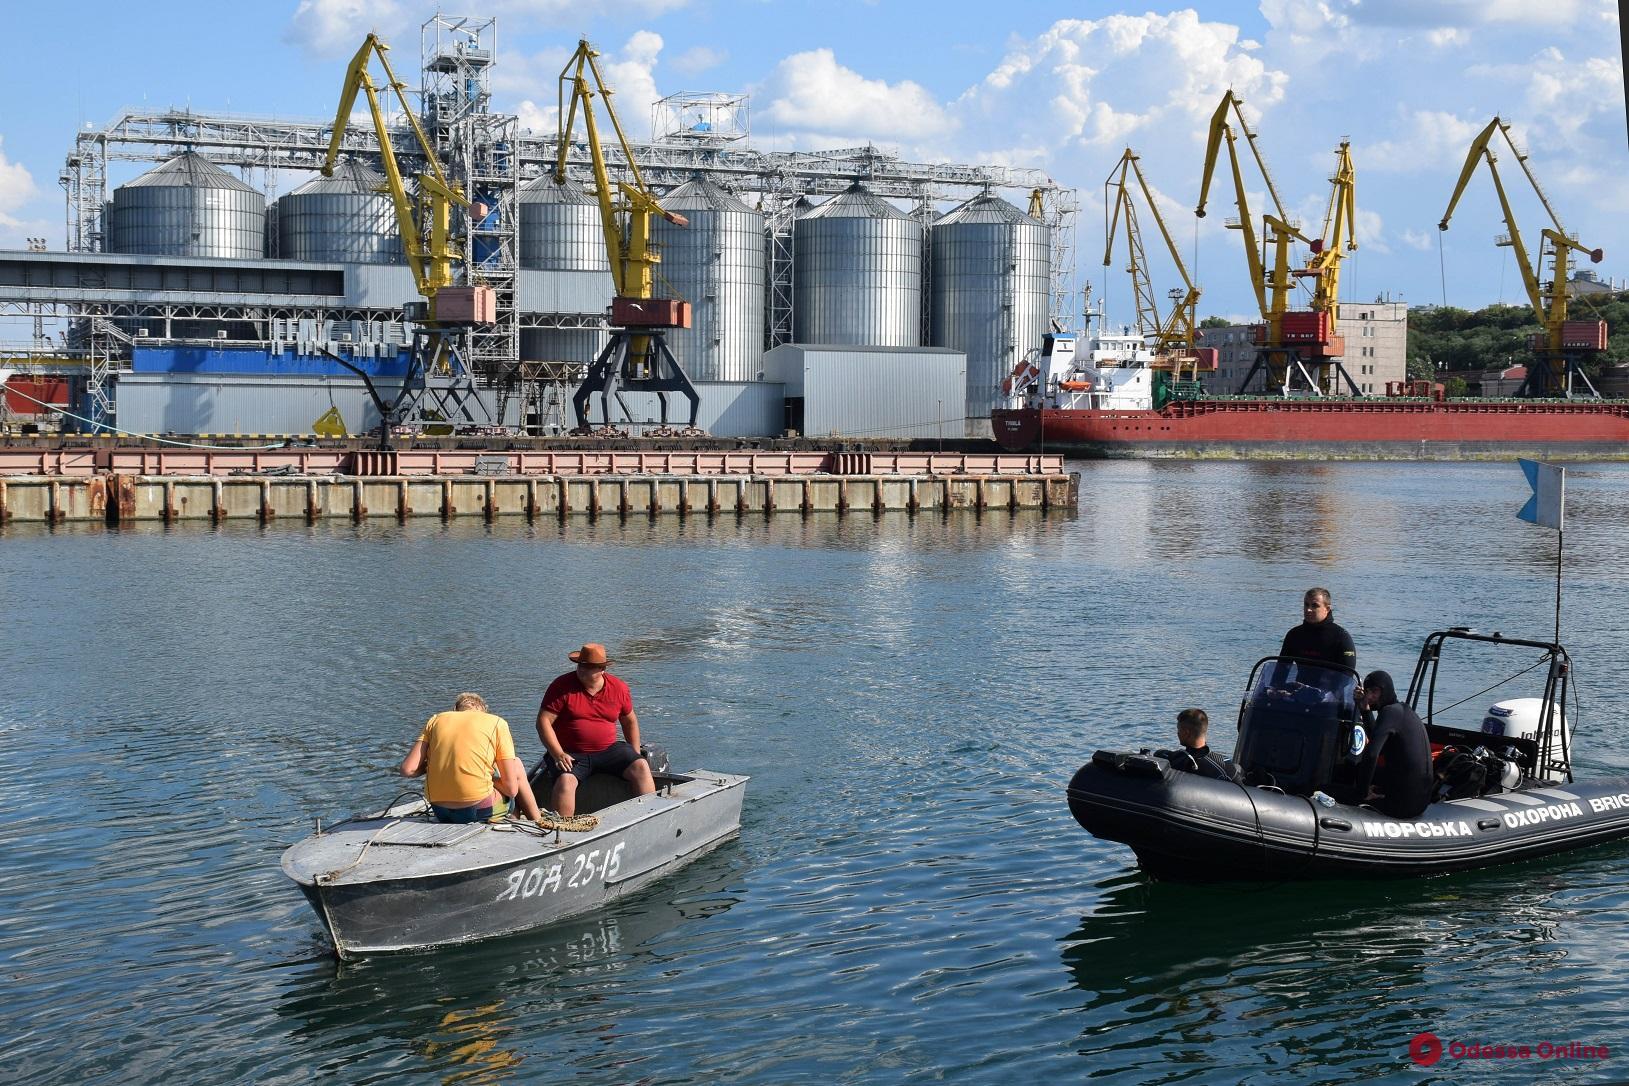 В Одесском порту браконьеры под видом водолазов наловили полтонны мидий